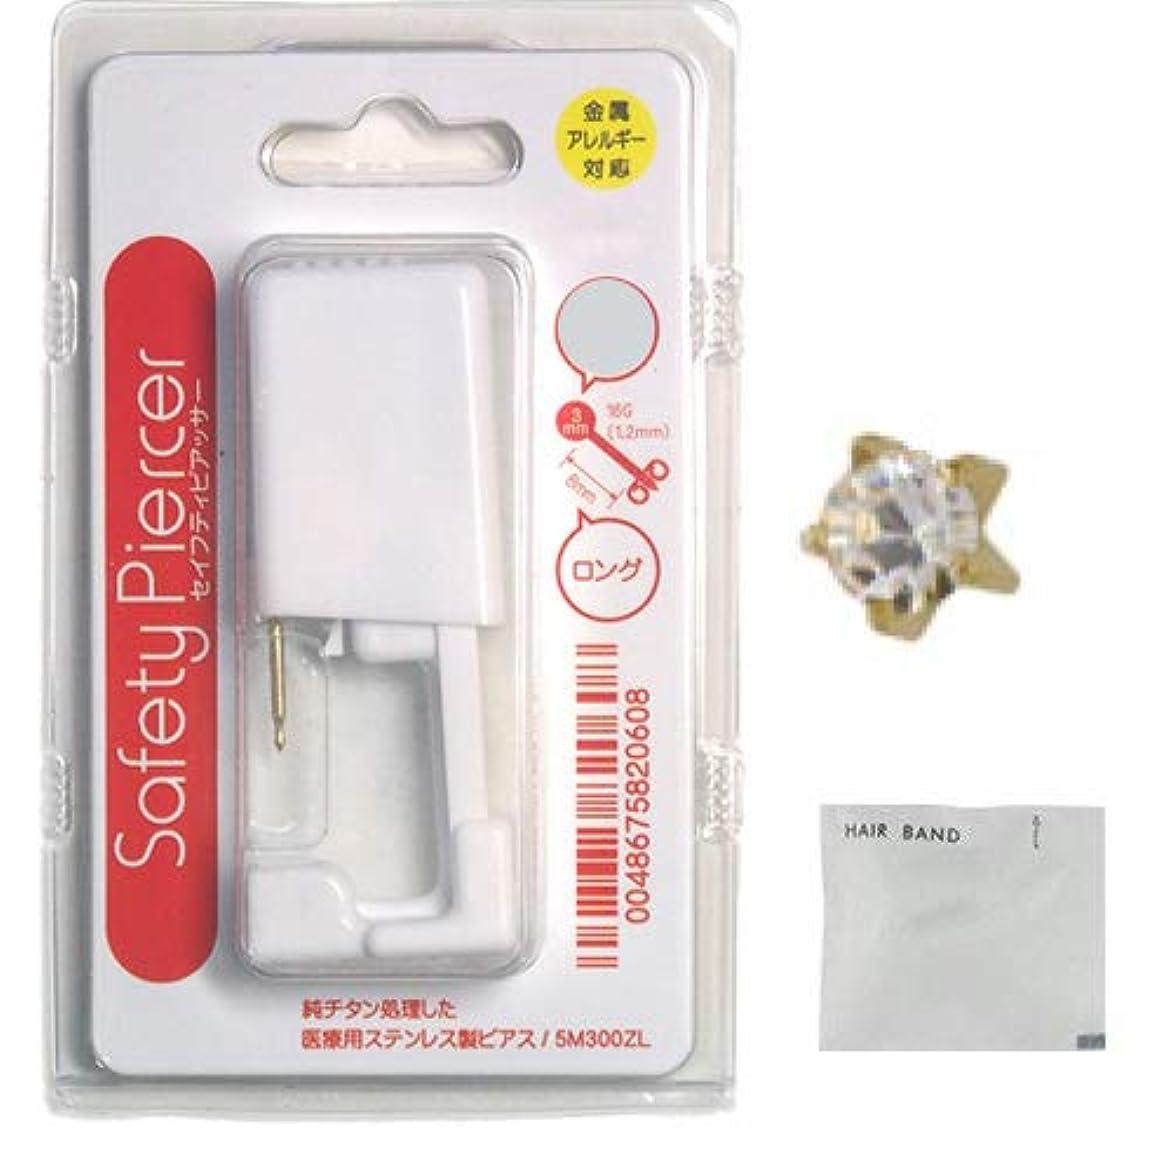 セイフティピアッサー シャンパンゴールド チタンロングタイプ(片耳用) 5M104WL 4月ダイヤモンド+ ヘアゴム(カラーはおまかせ)セット